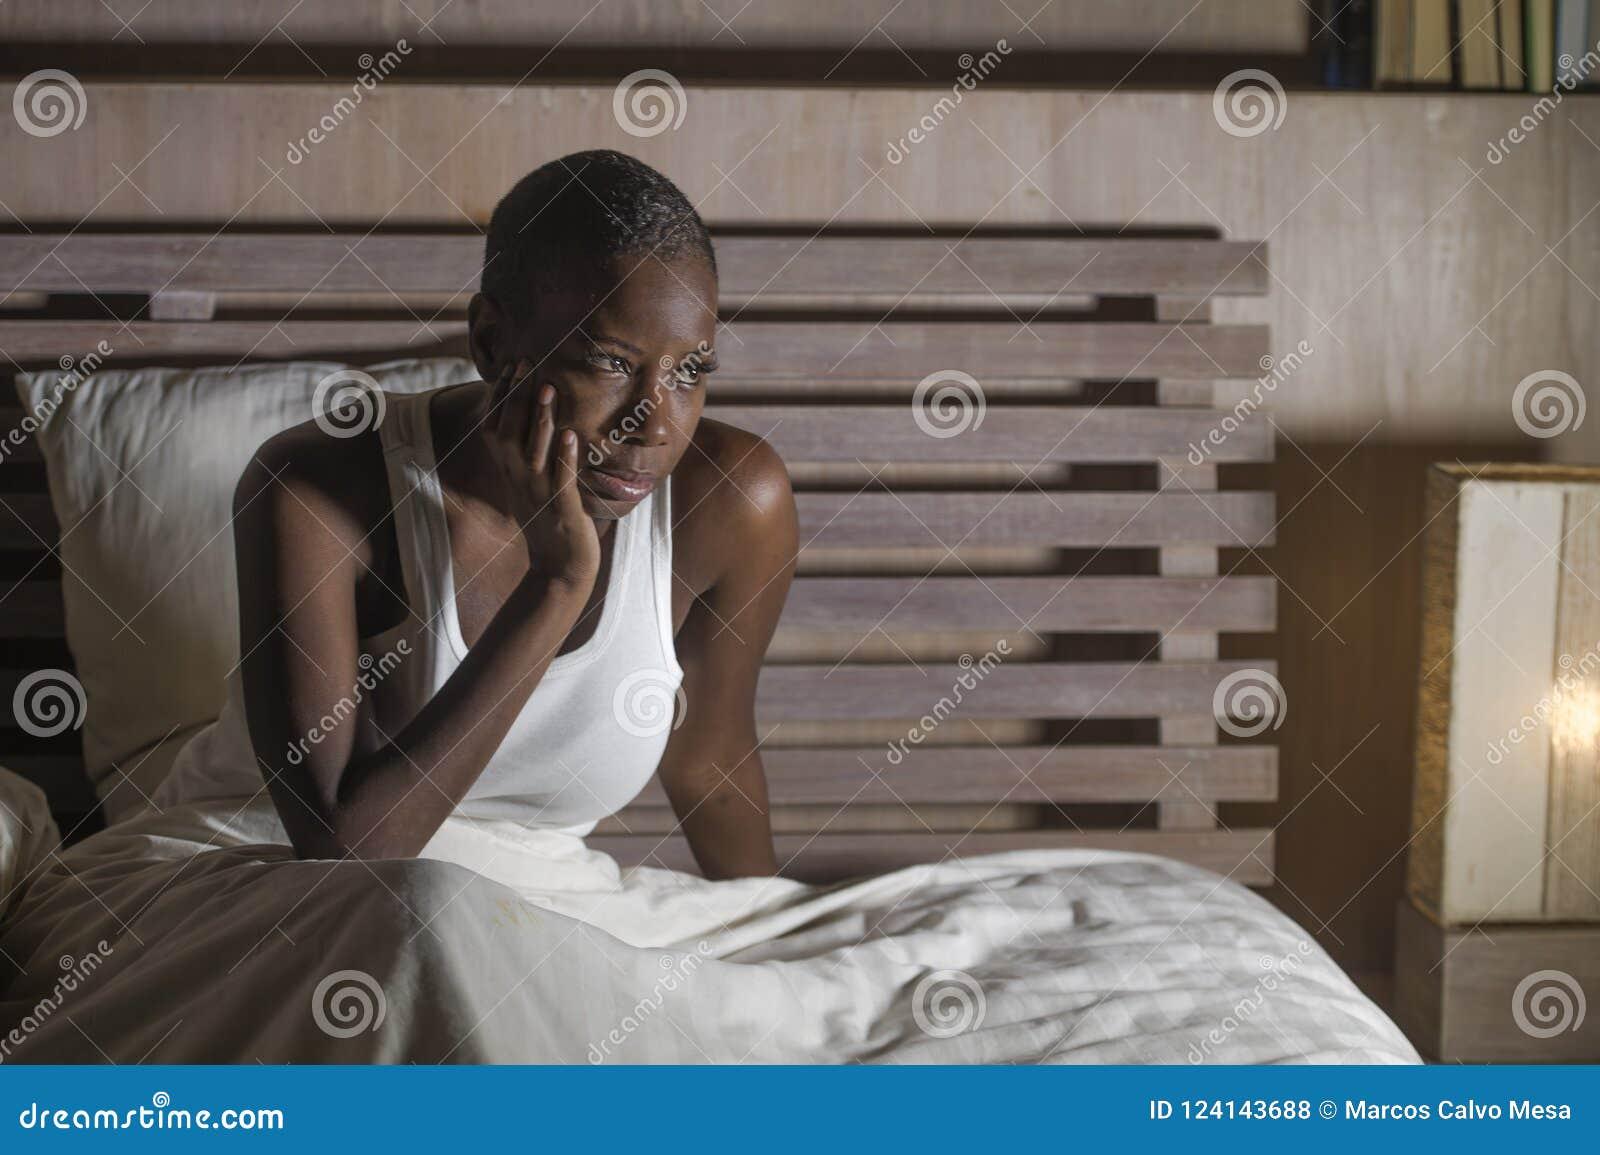 Ung ledsen deprimerad svart afrikansk amerikankvinna i för lidandefördjupning för säng sömnlösa känsliga desperata bekymrade sömn